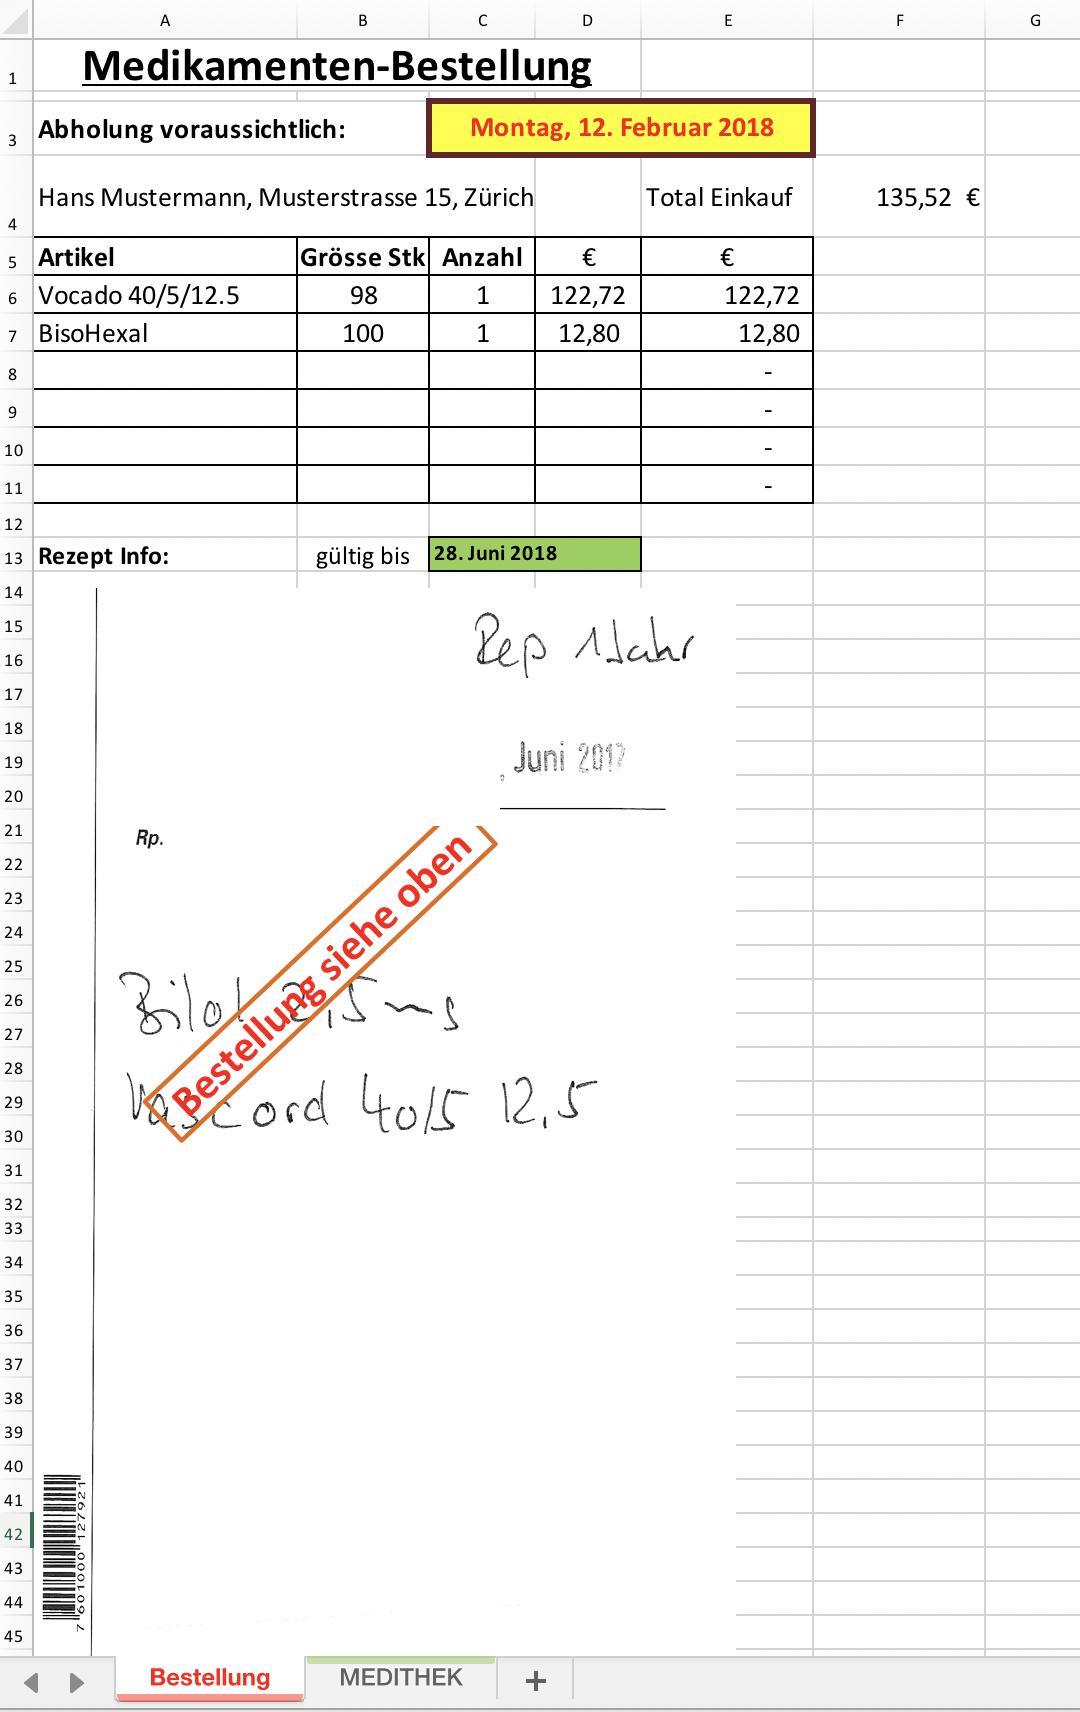 medikamenten-bestellung | Excel Vorlagen für jeden Zweck